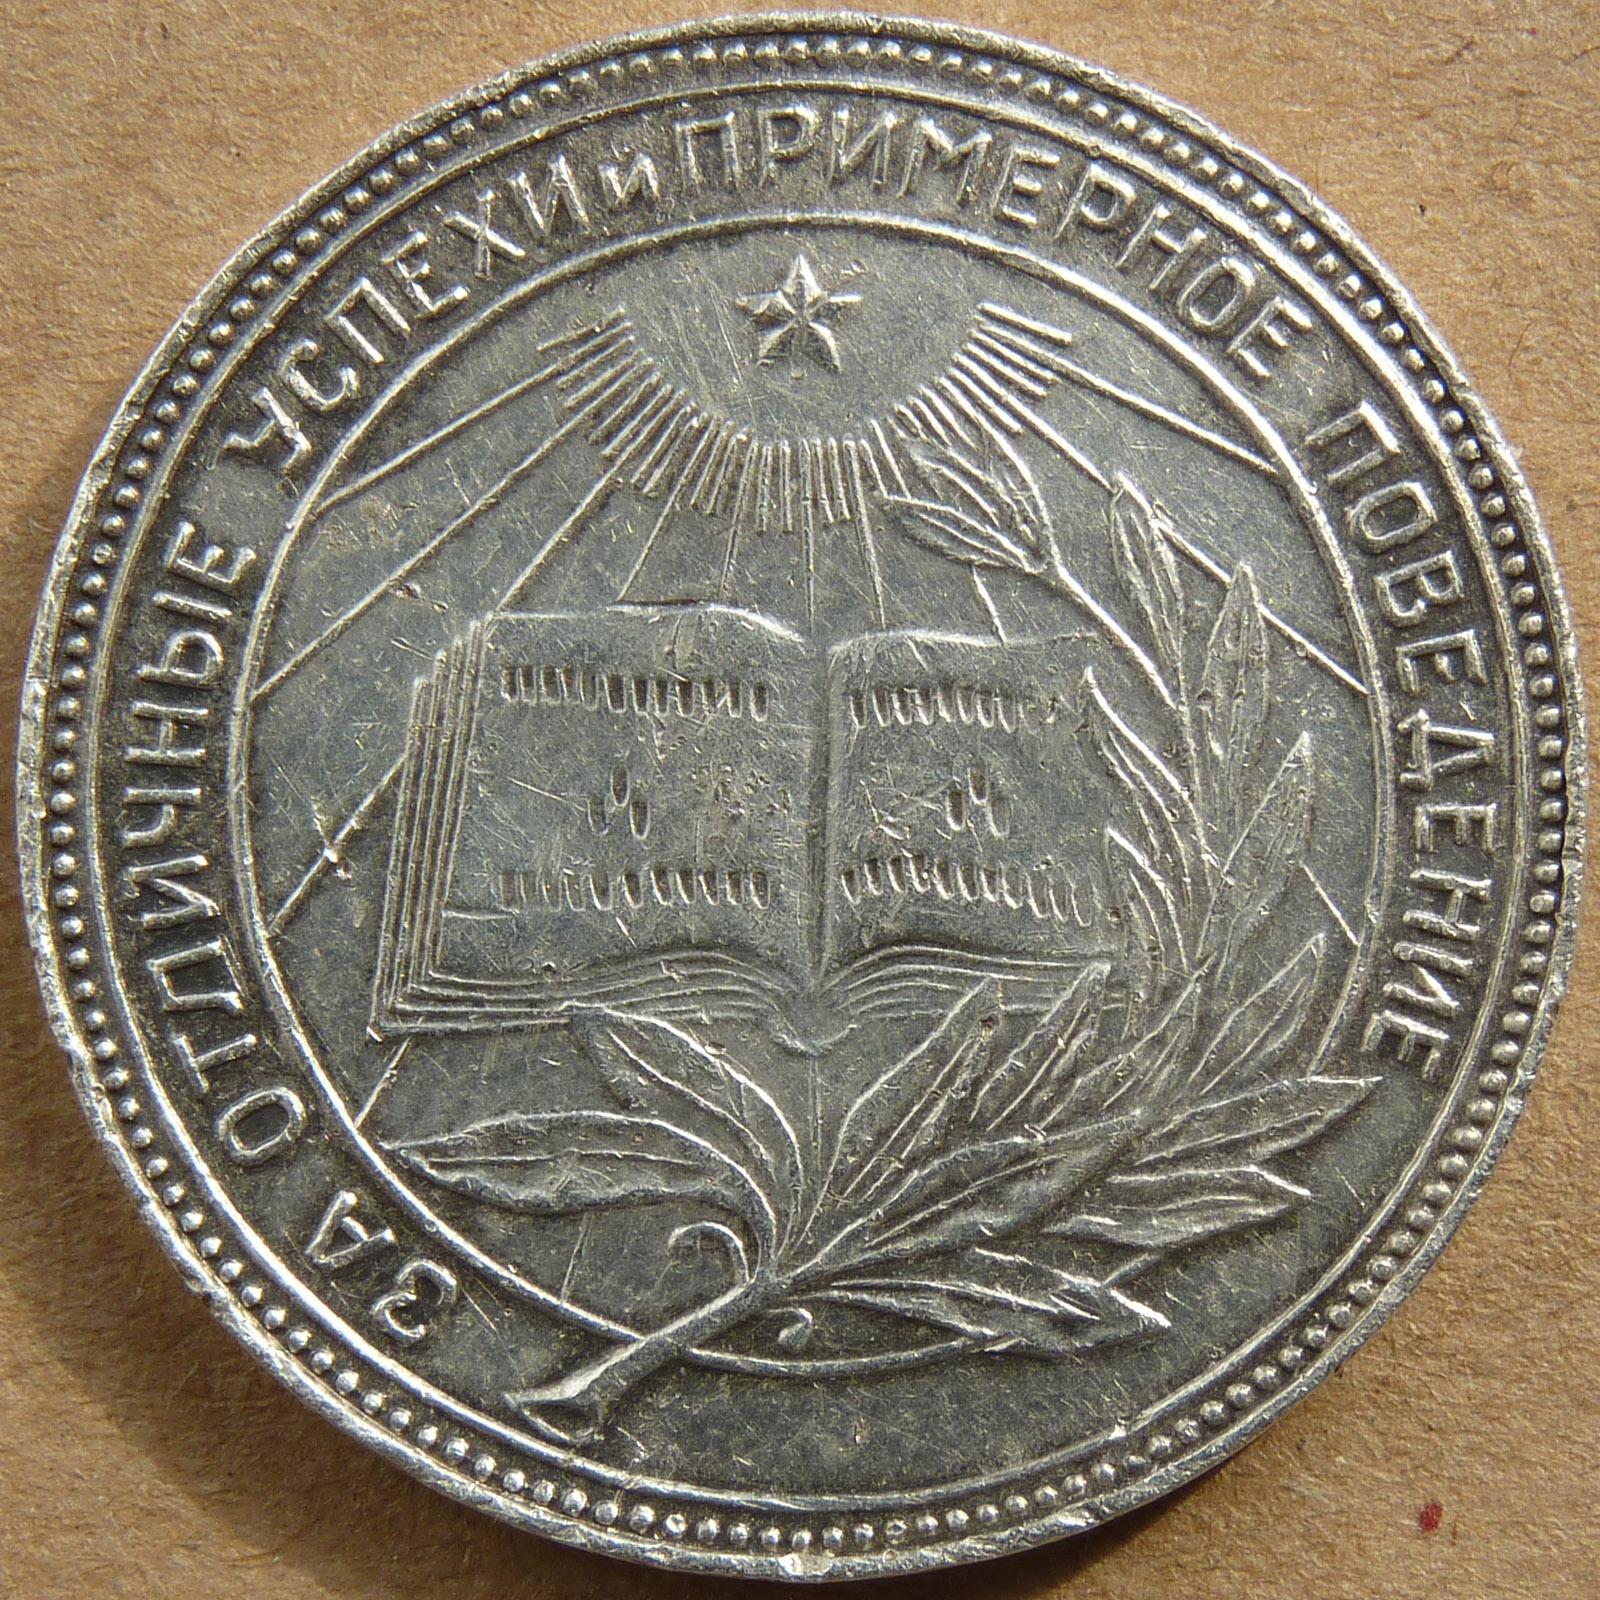 Школьная медаль Ag 1945 реверс копия.jpg